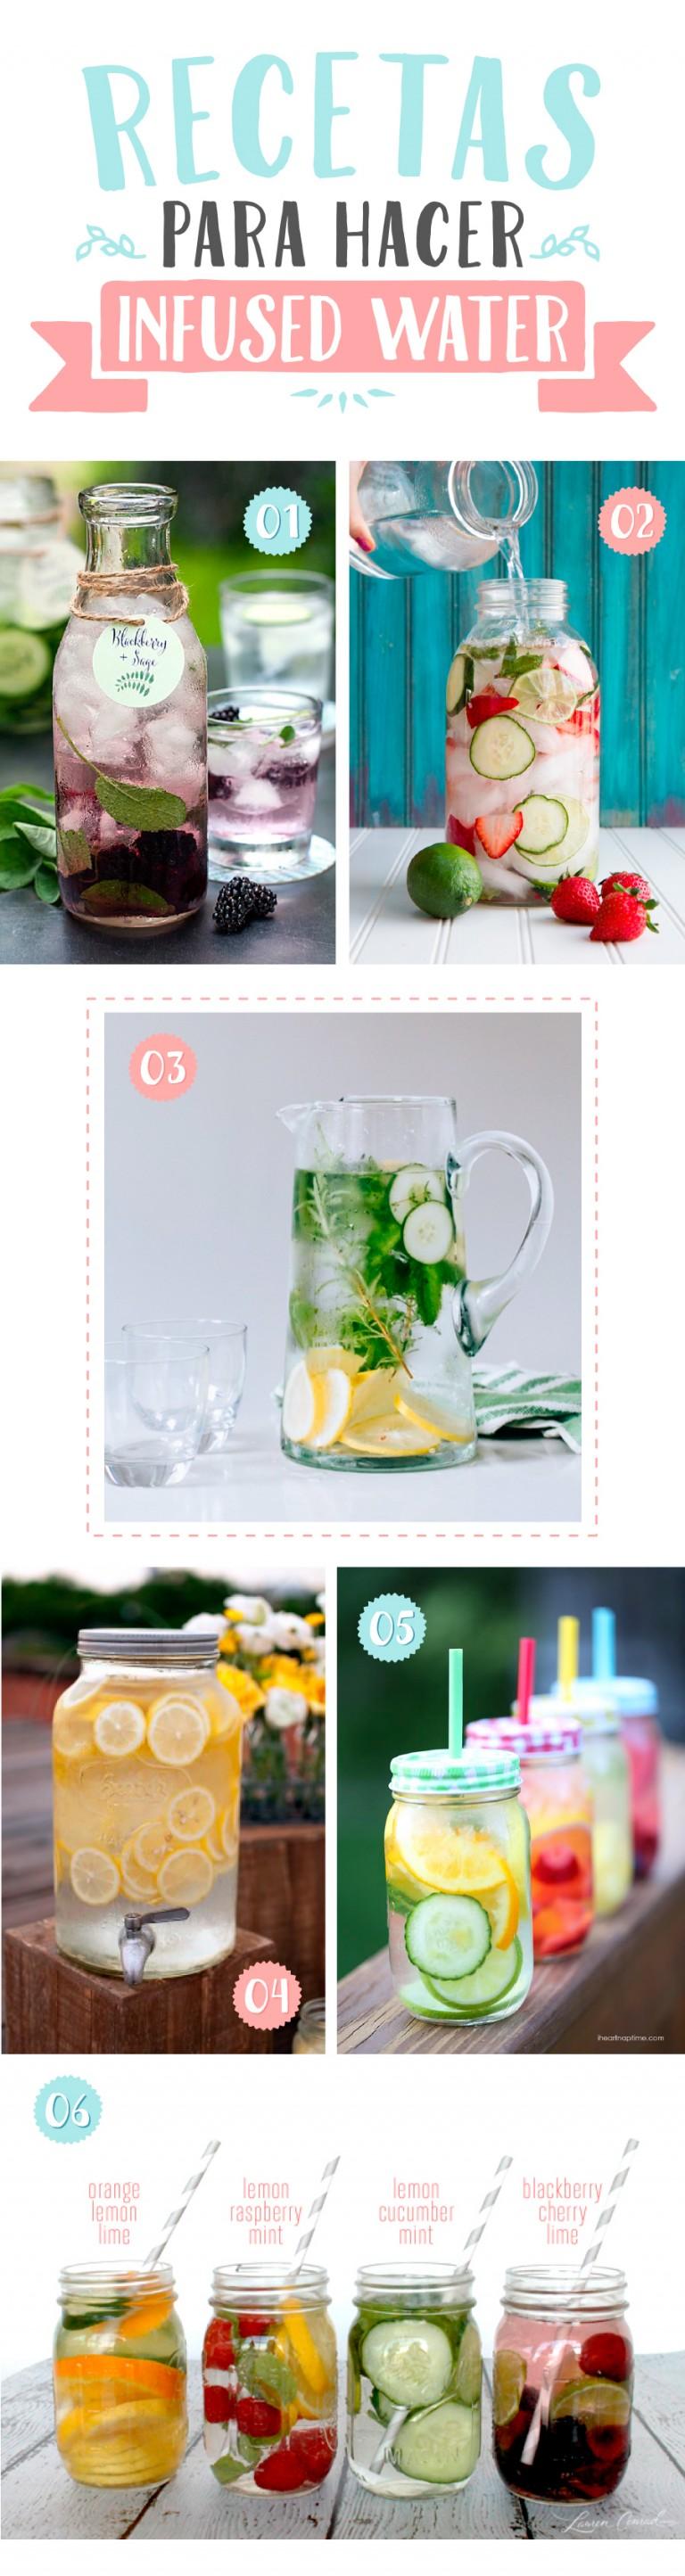 ¿Sabes cómo hacer infused water? Yo te lo cuento que llega el veranito y hay que beber mucho